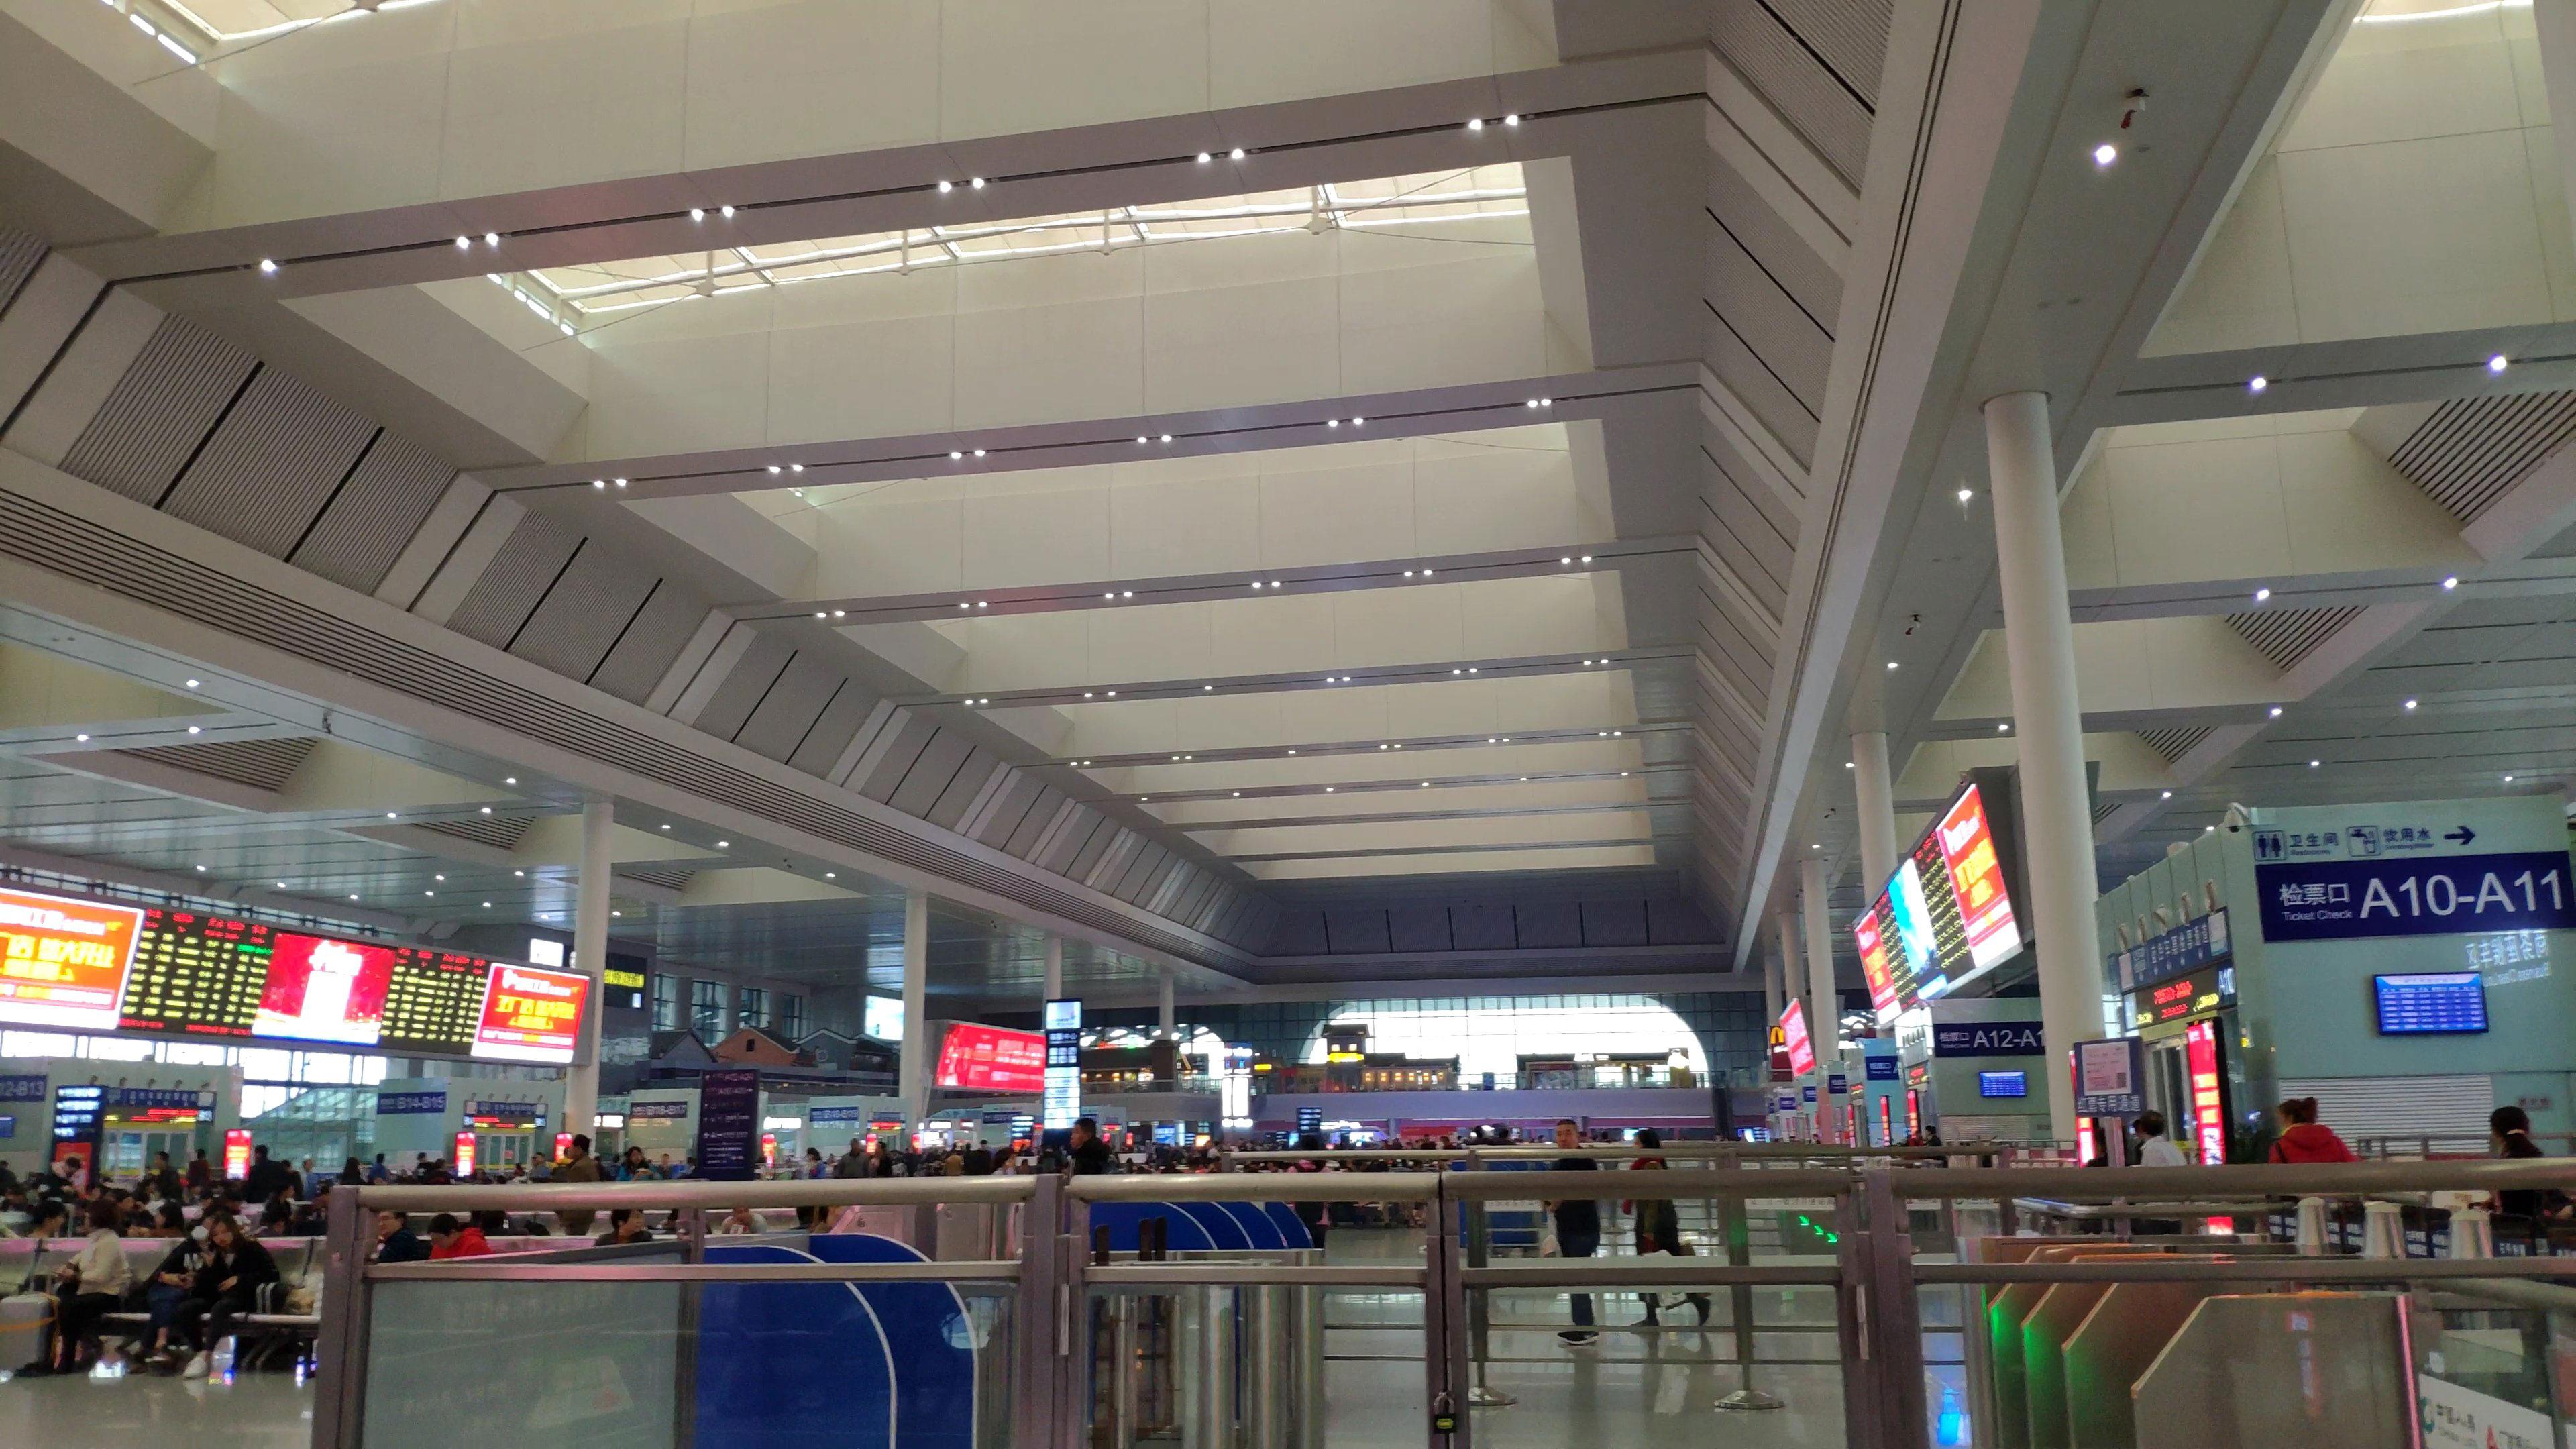 Màn hình led lắp đặt tại sân bay, nhà ga